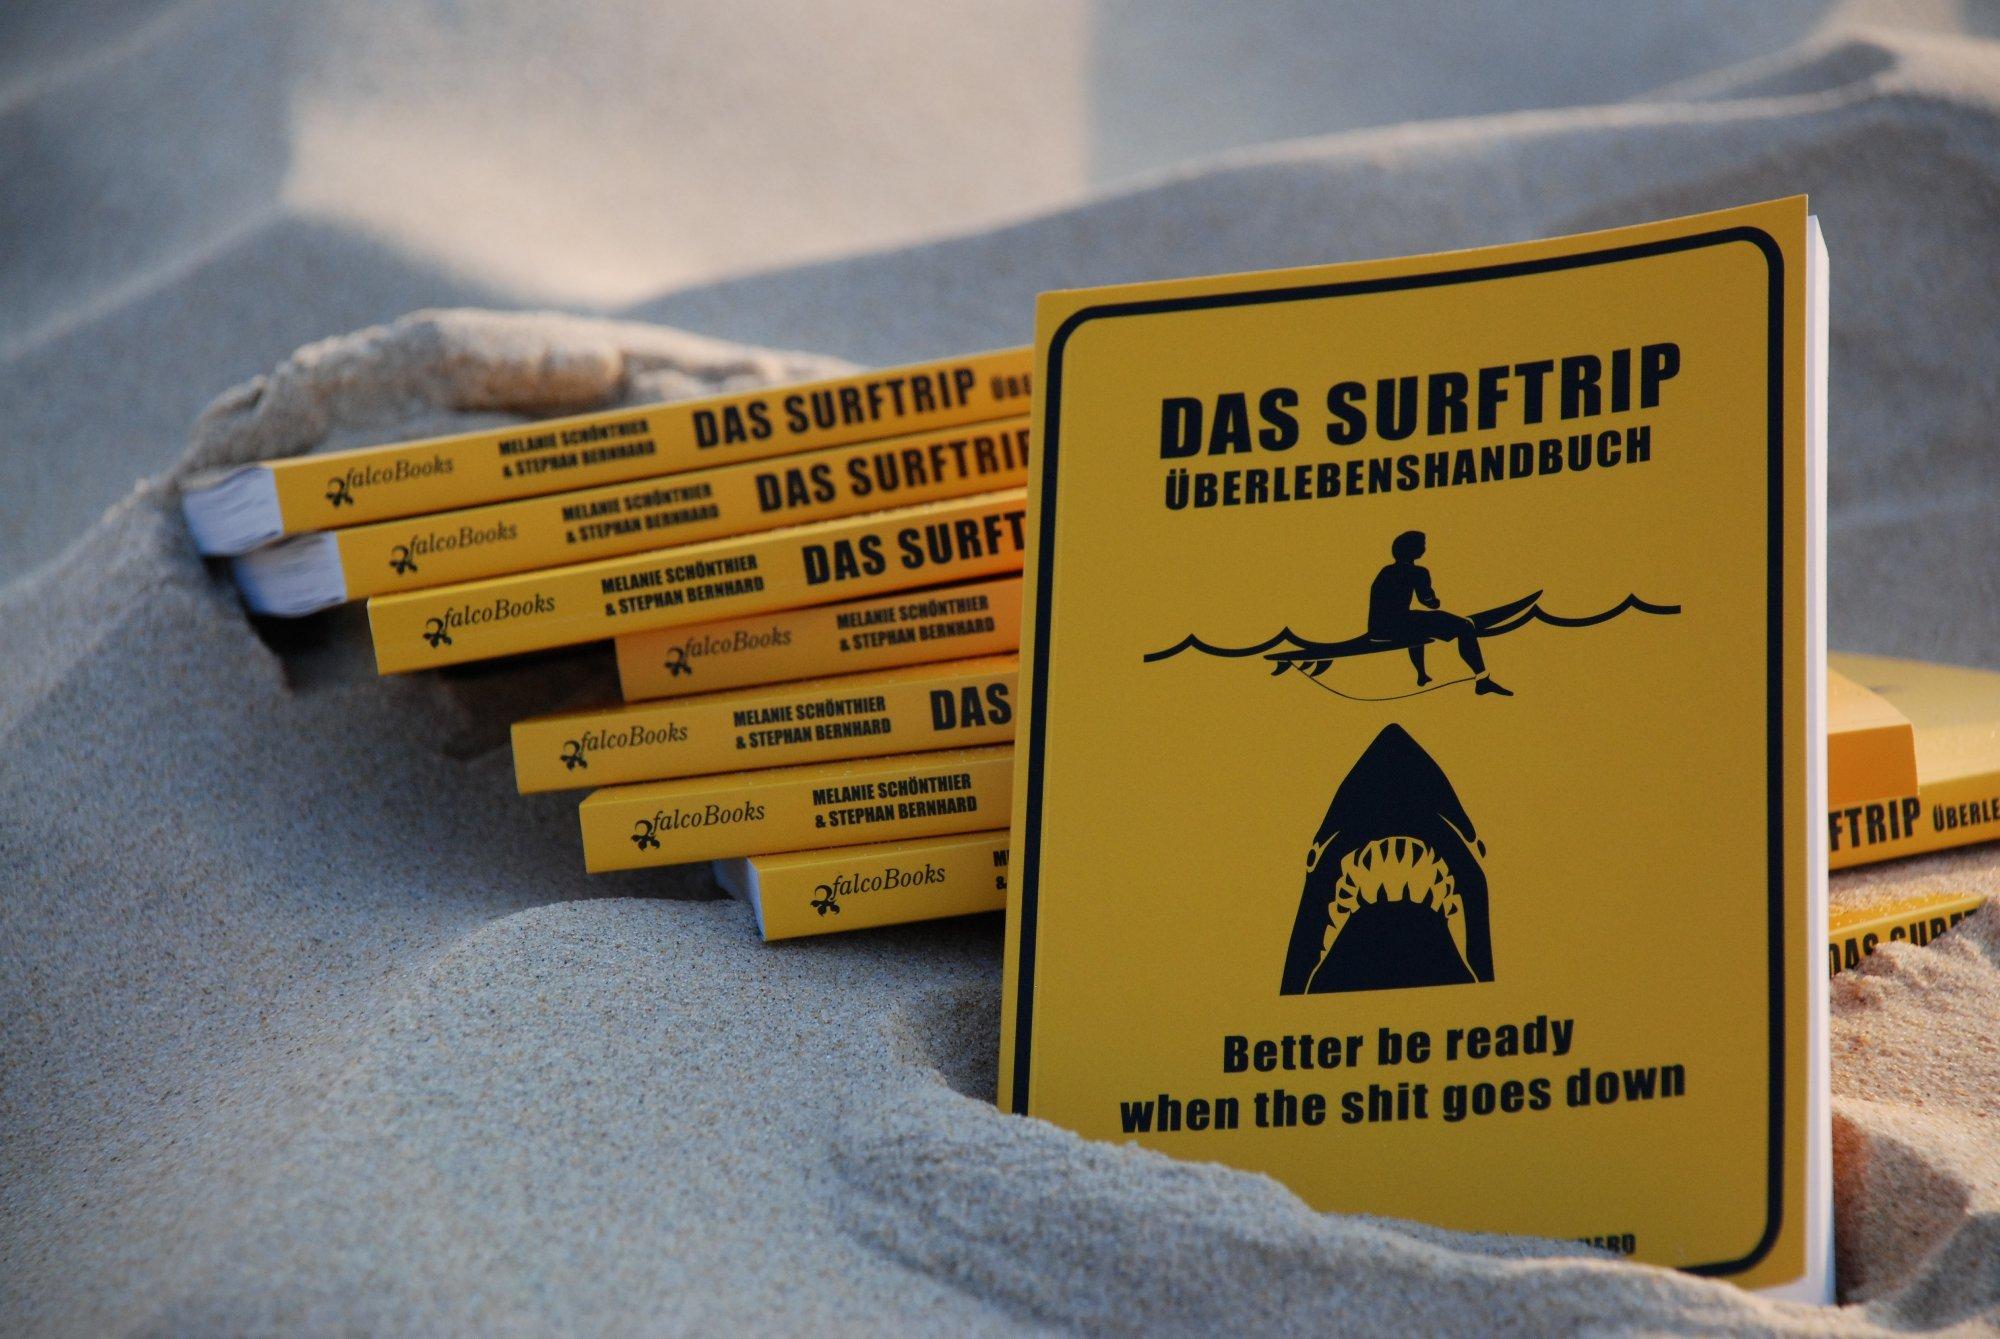 Better be ready when the shit goes down – mit dem Surftrip-Überlebenshandbuch bist du für alle möglichen und unmöglichen Situationen gewappnet.